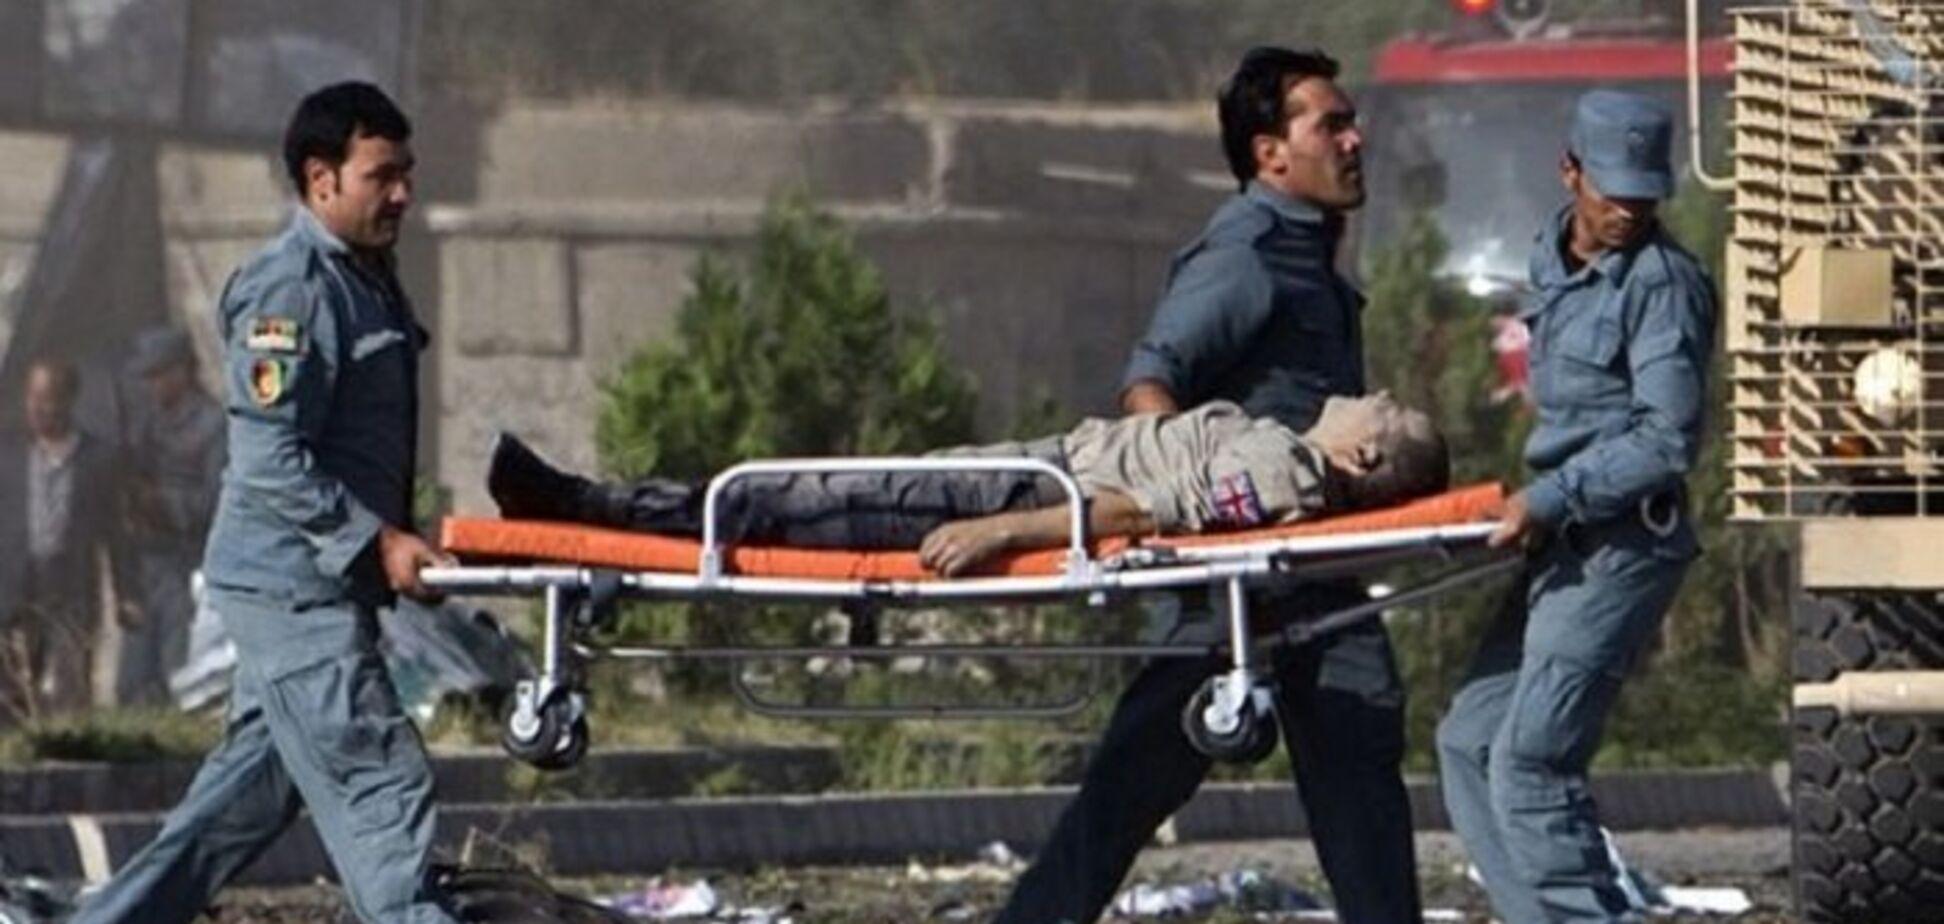 В Афганістані смертник протаранив базу центру безпеки: 7 загиблих, десятки поранених